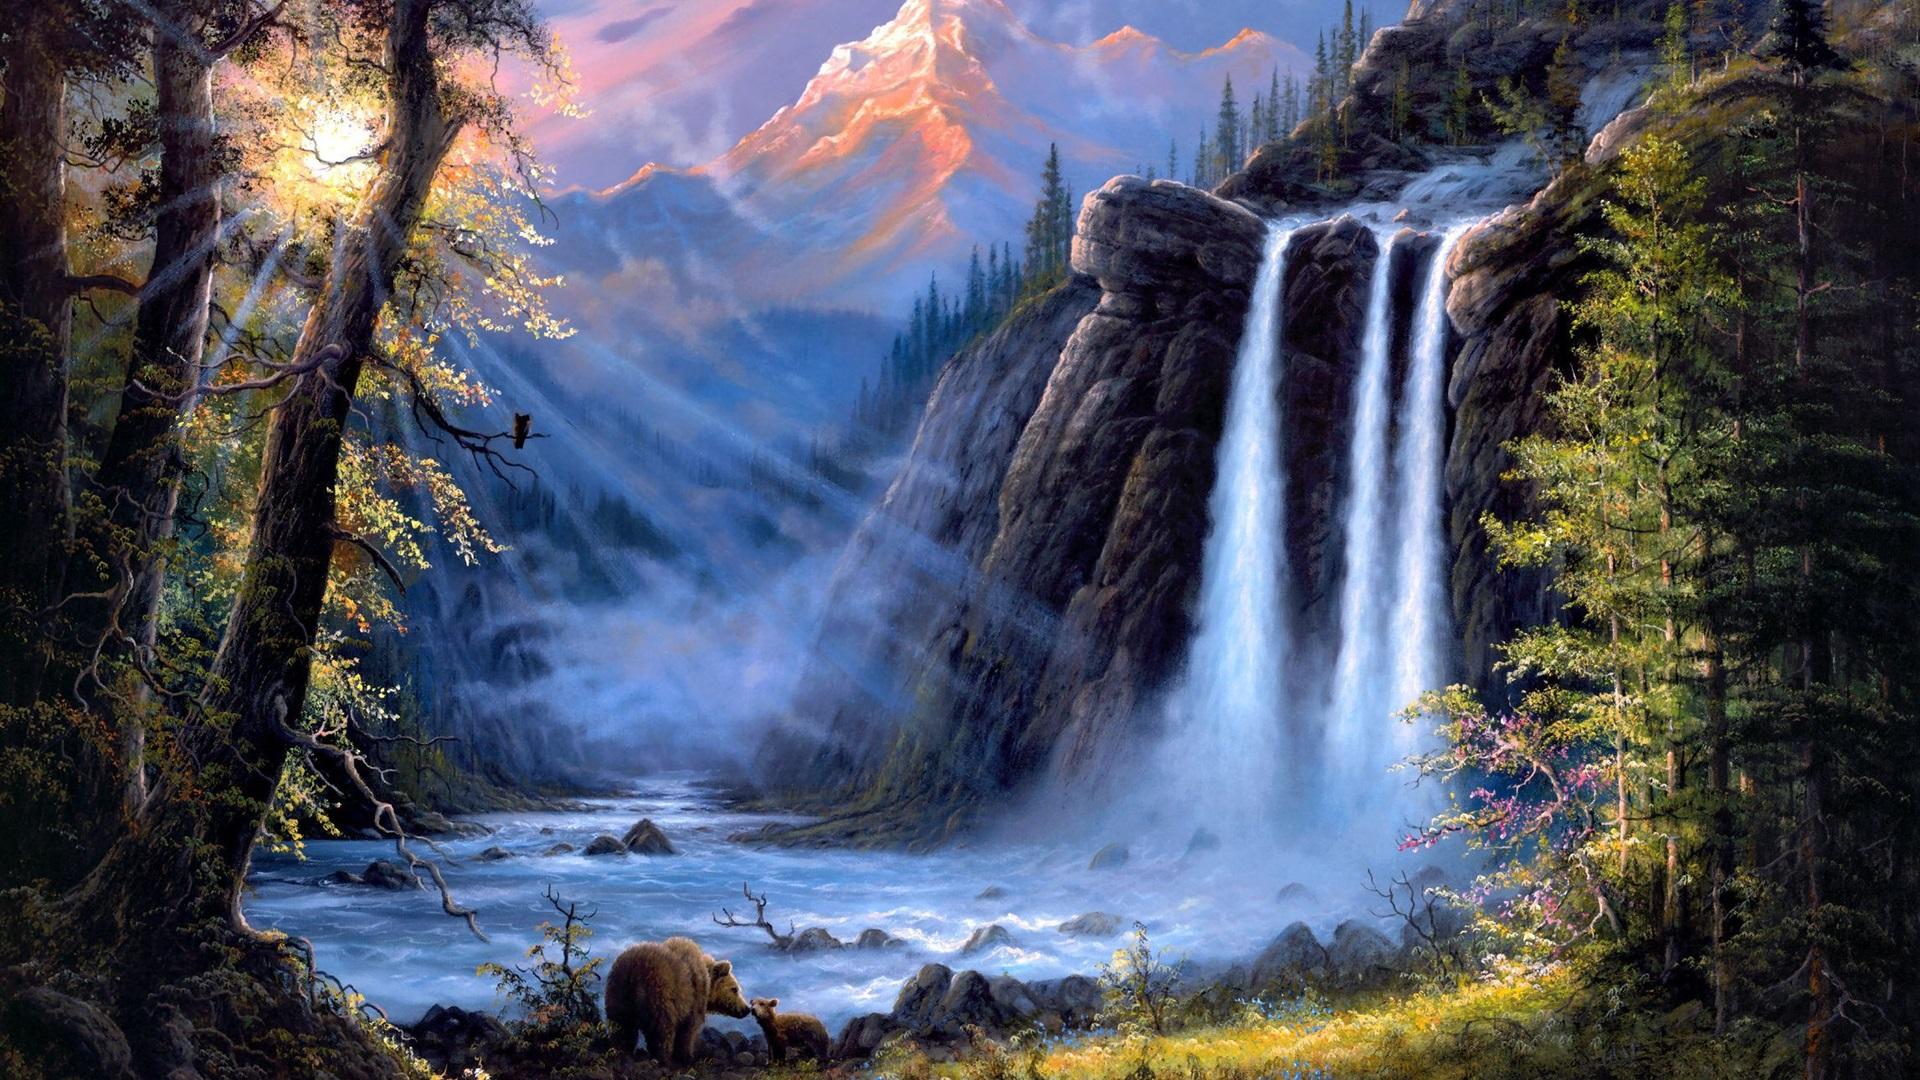 壁紙 ジェシーバーンズアートの絵画、風景、滝、木、クマ 1920x1440 HD 無料のデスクトップの背景, 画像